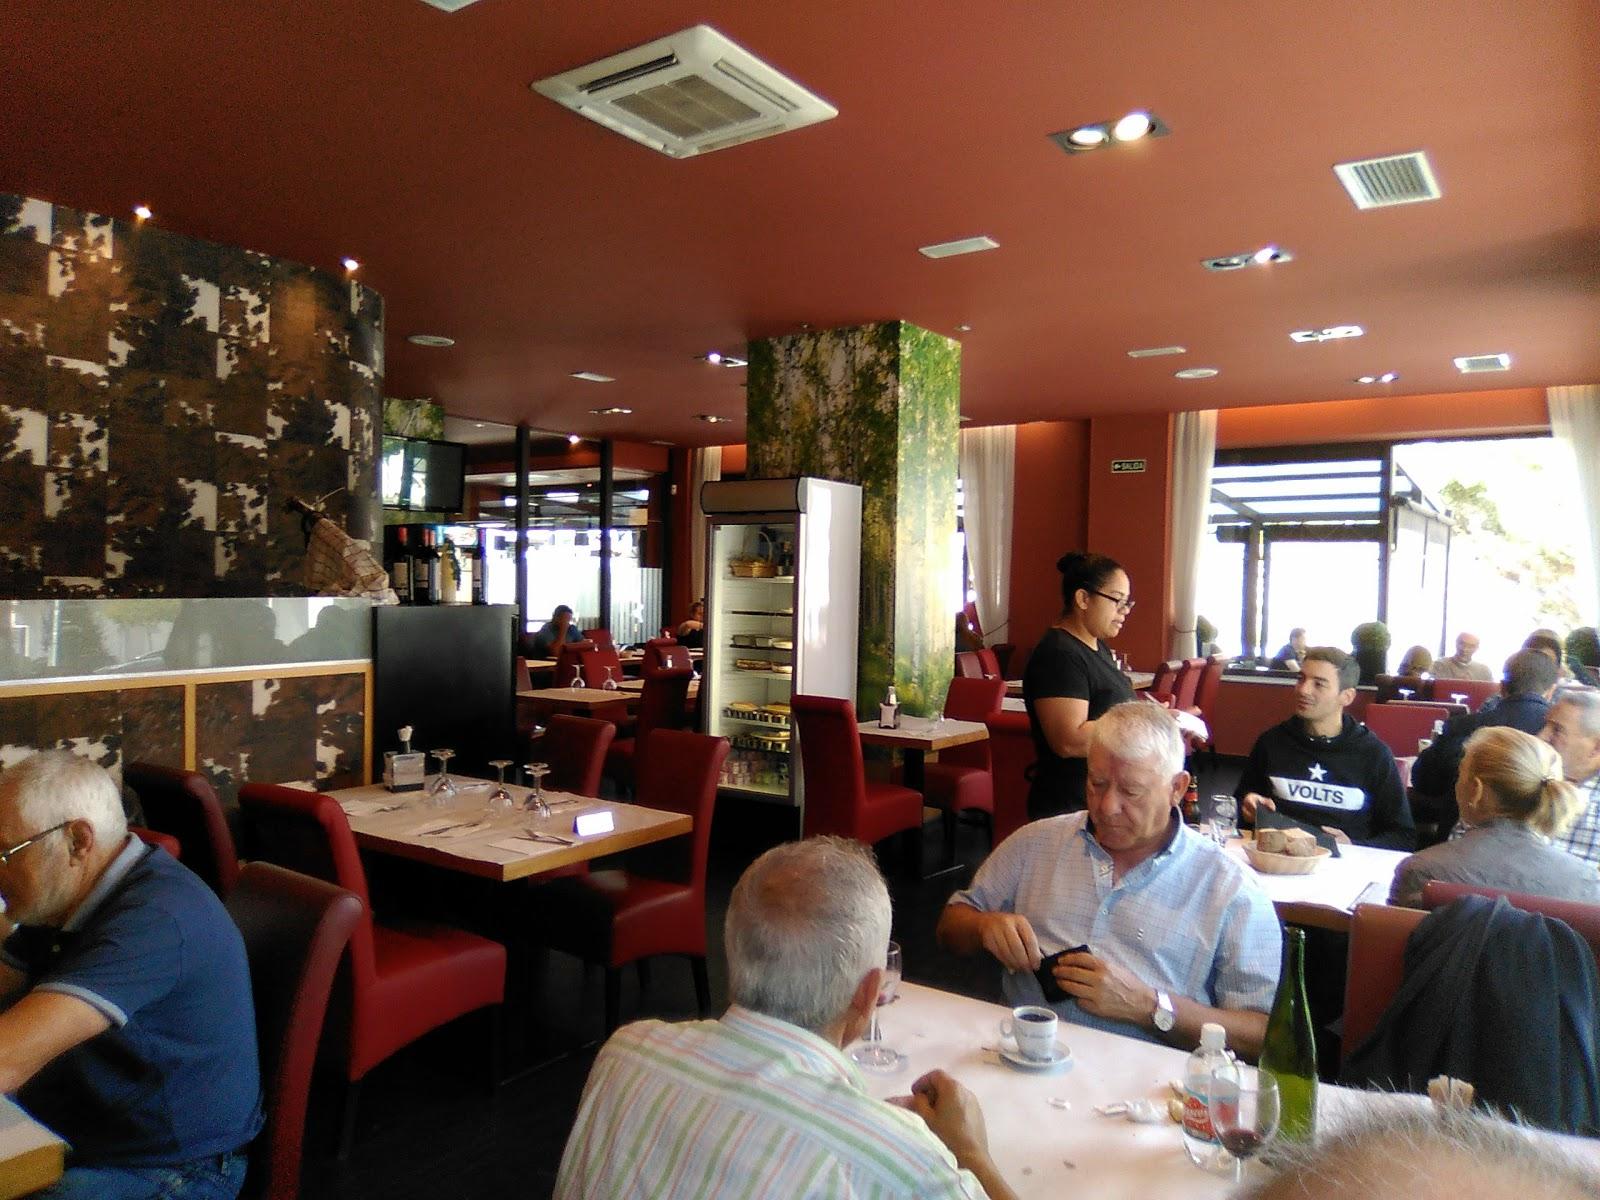 Café Parrillada Mera